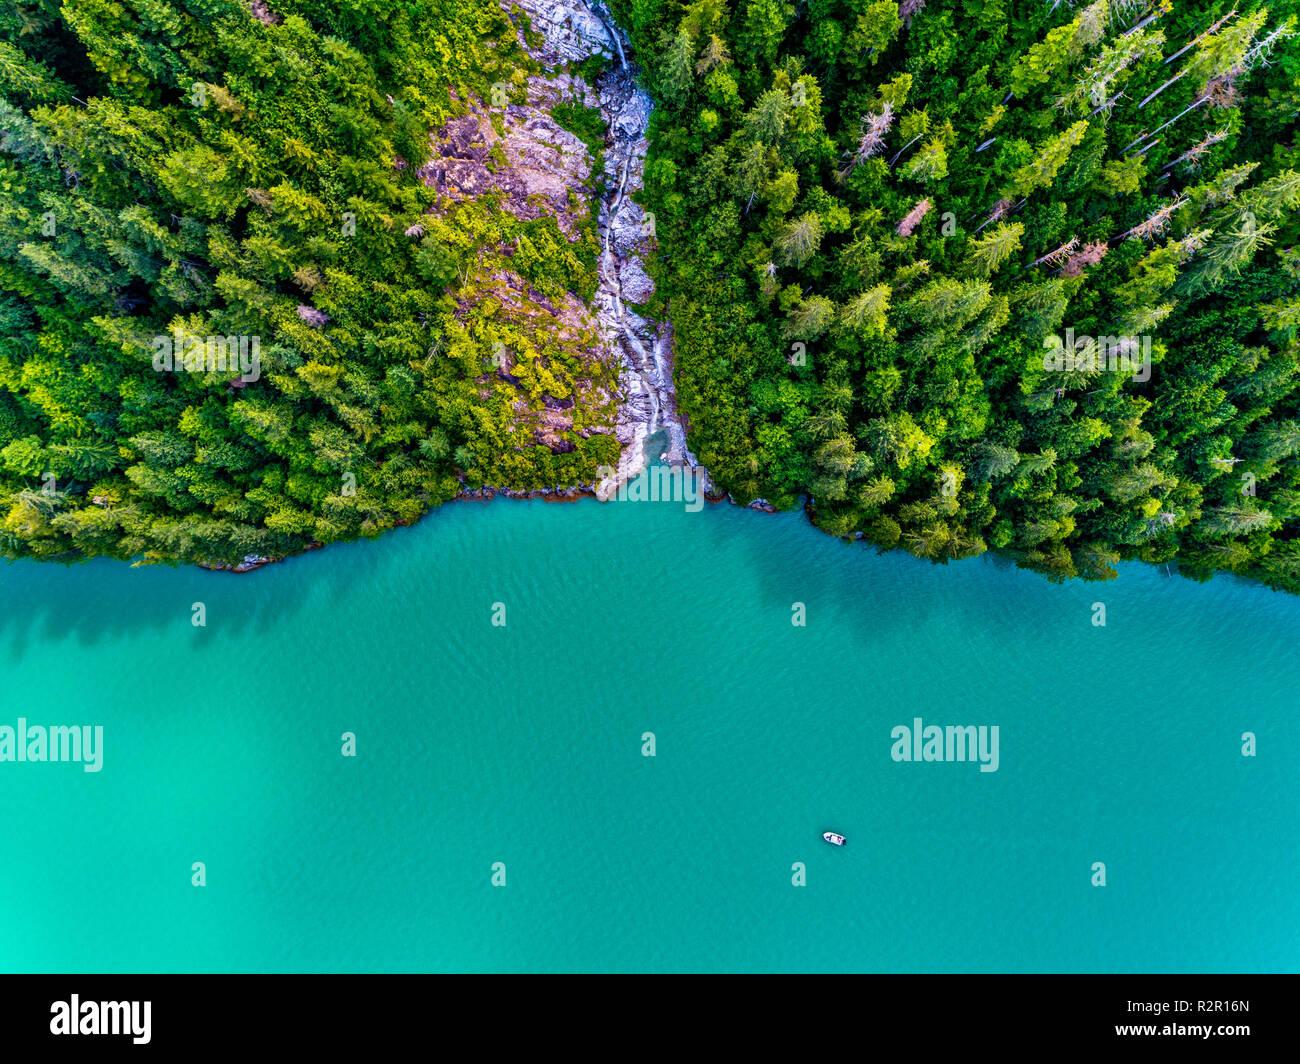 Photographie aérienne d'une cascade et le nom 'la lumière ambiante' tour en bateau de l'Inlet Knight, le territoire des Premières Nations, Colombie-Britannique, Canada Photo Stock